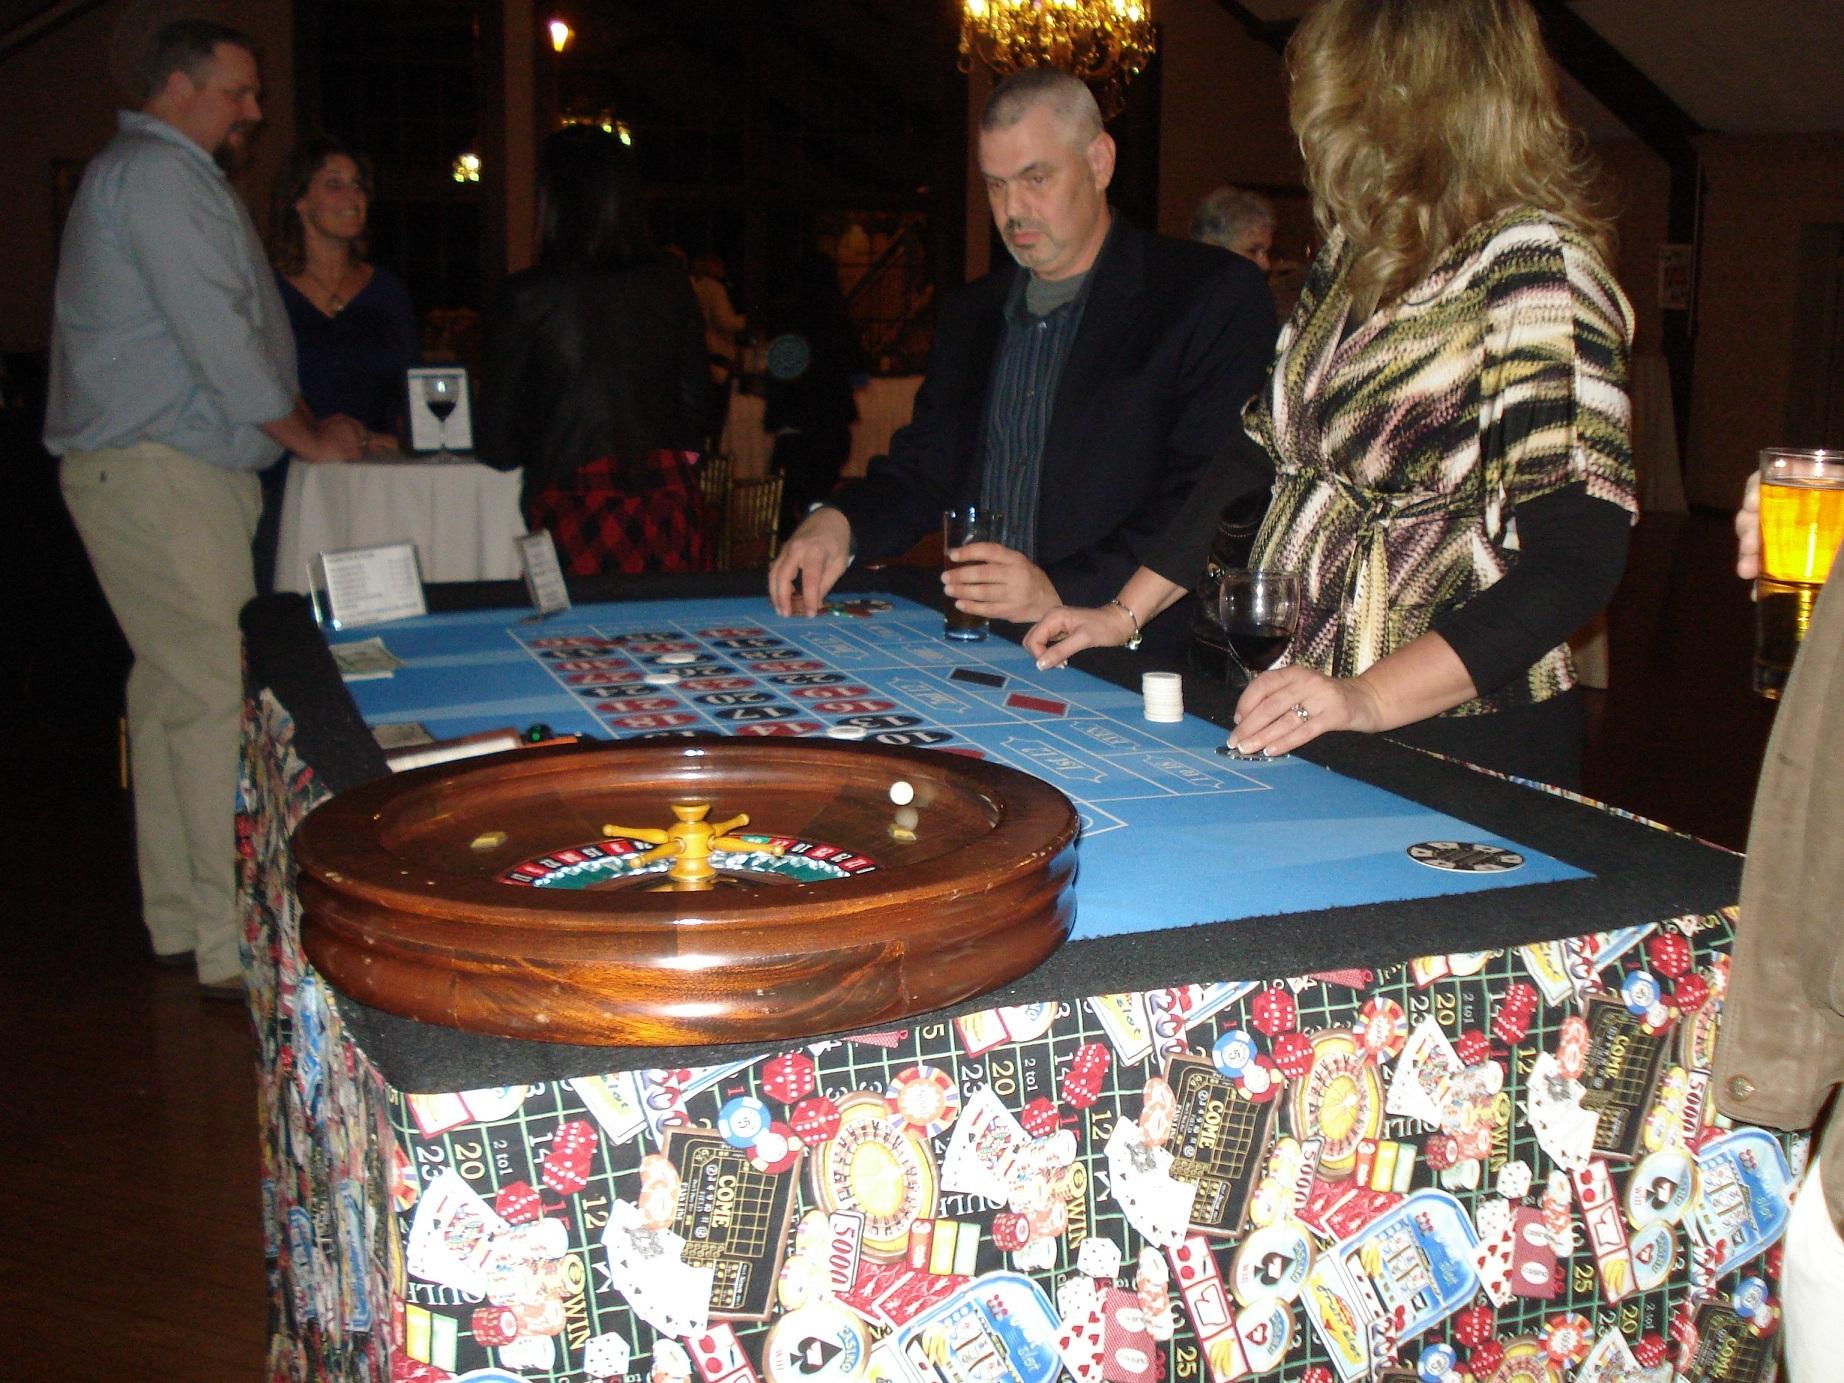 edc0264bca2fc12ab0e5_Casino_Night_010.JPG